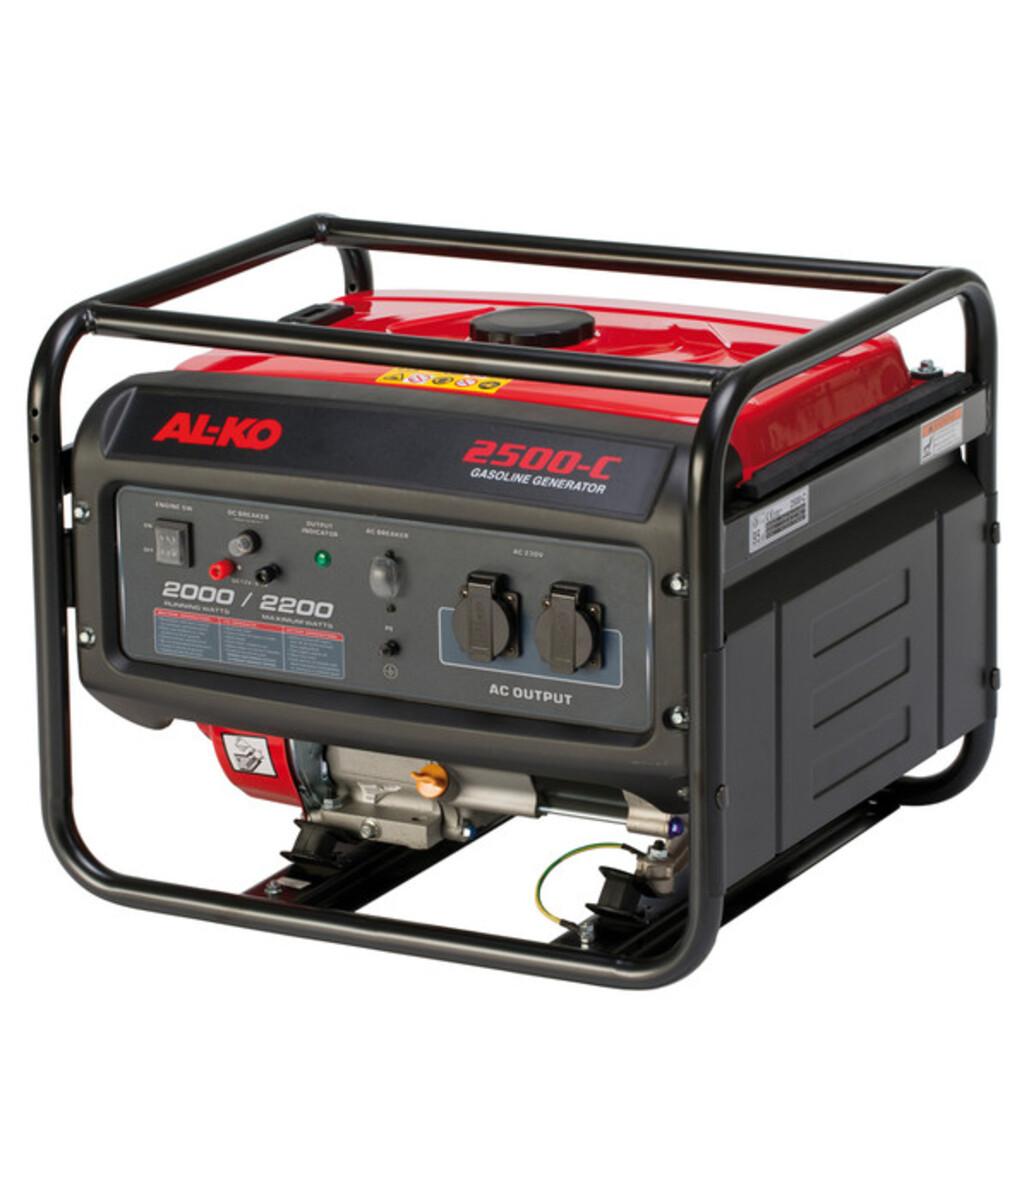 Bild 2 von AL-KO Stromerzeuger 2500 C